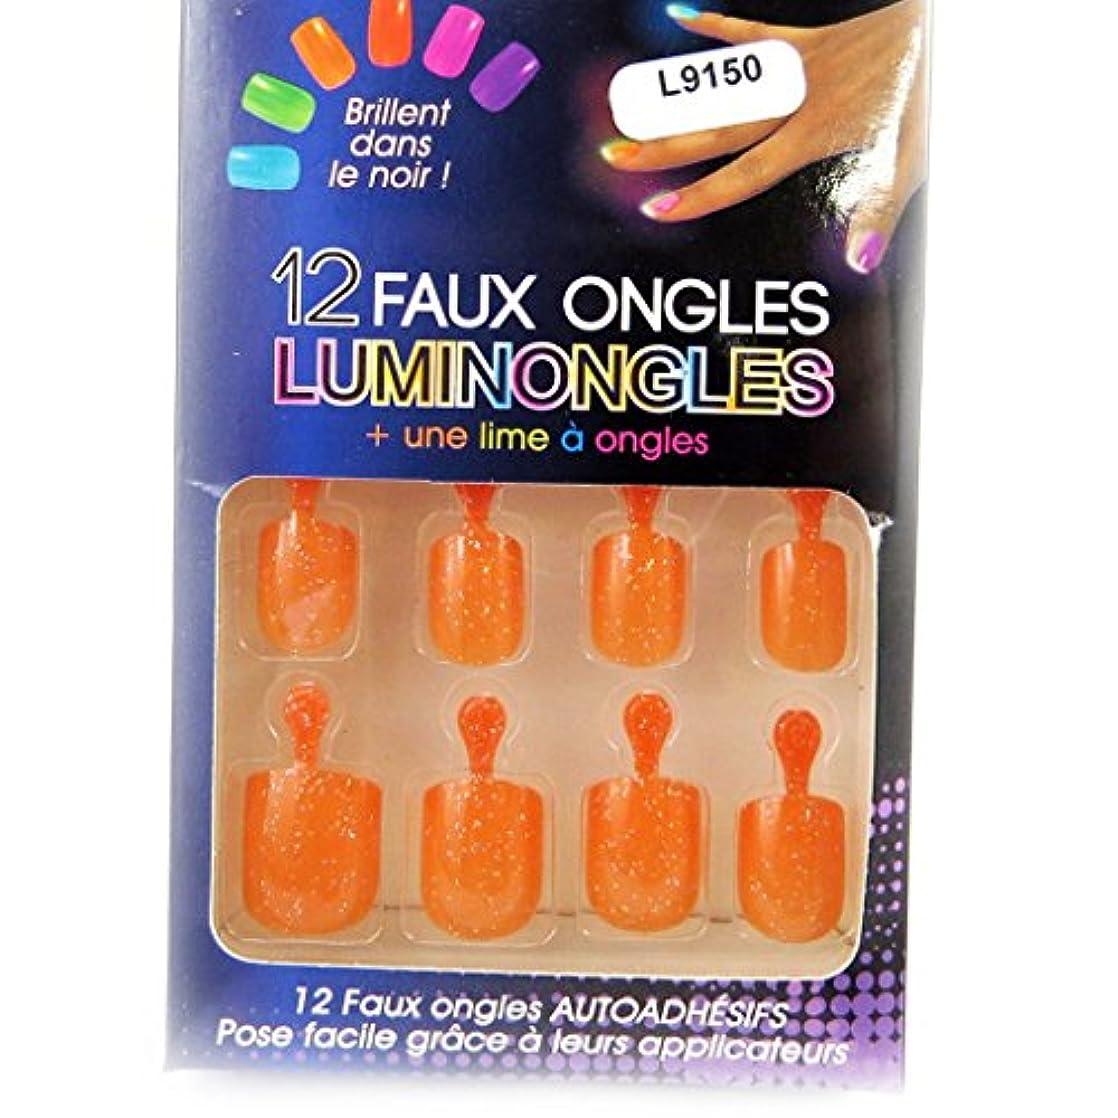 出席集中的な戦争[リリーの宝 (Les Tresors De Lily)] (Luminongles コレクション) [L9150] アクリルスカルプチュア オレンジ